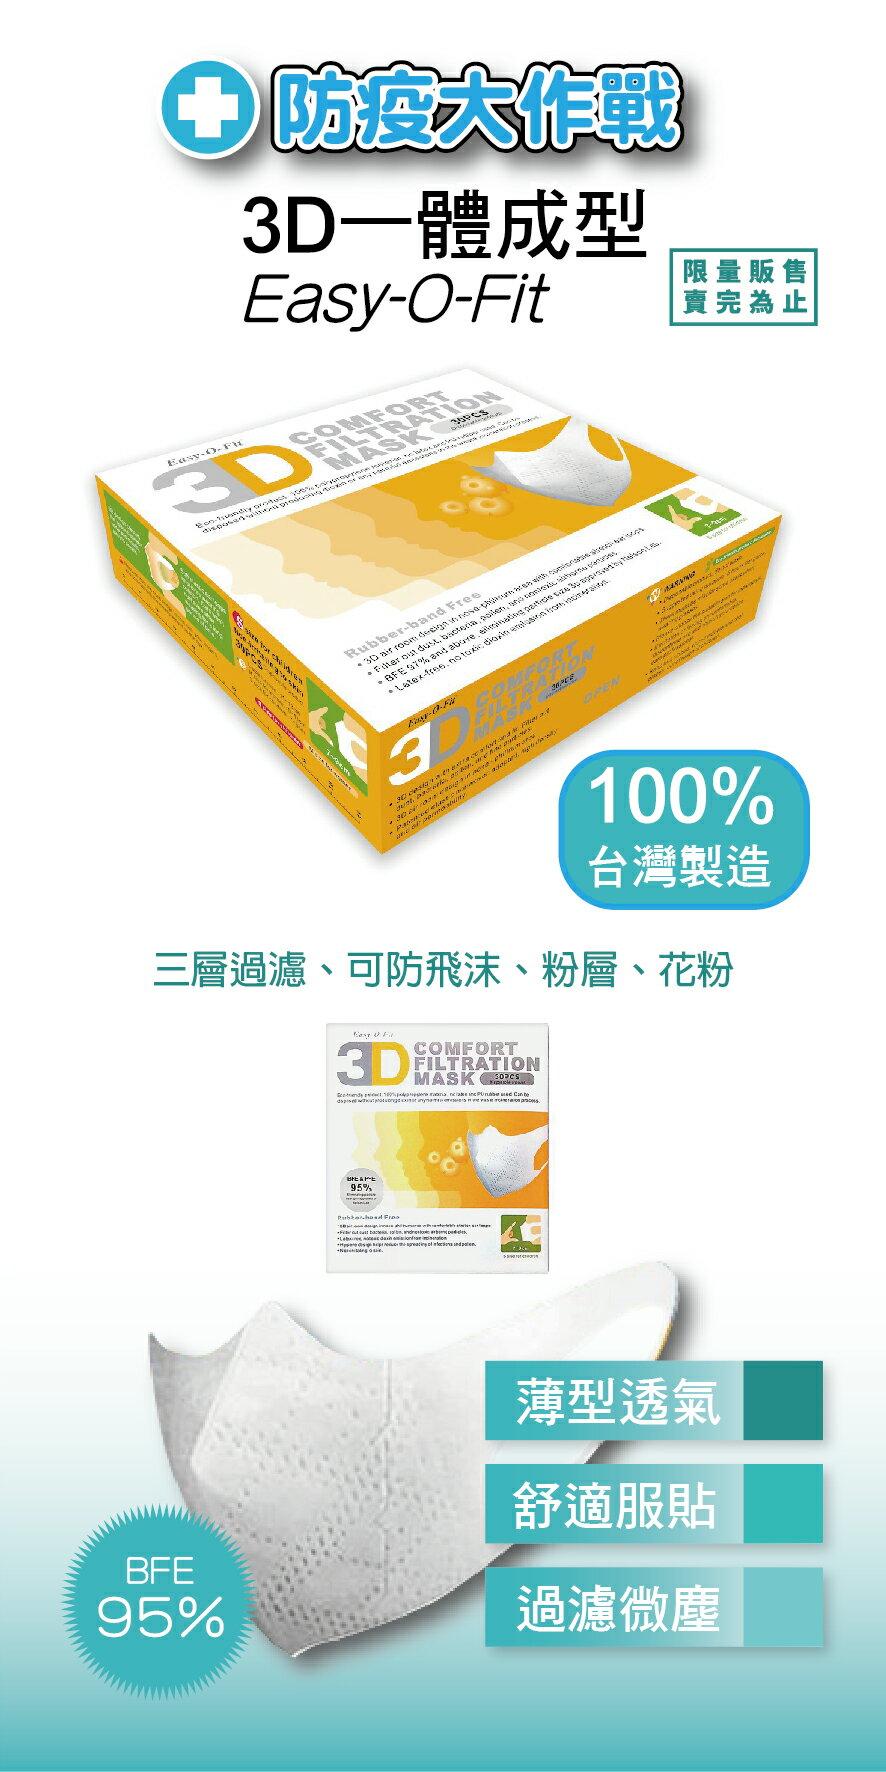 (倒數出清:4入組)台灣製造 時尚白 超服貼3D立體 兒童口罩30片/盒 x 4 盒